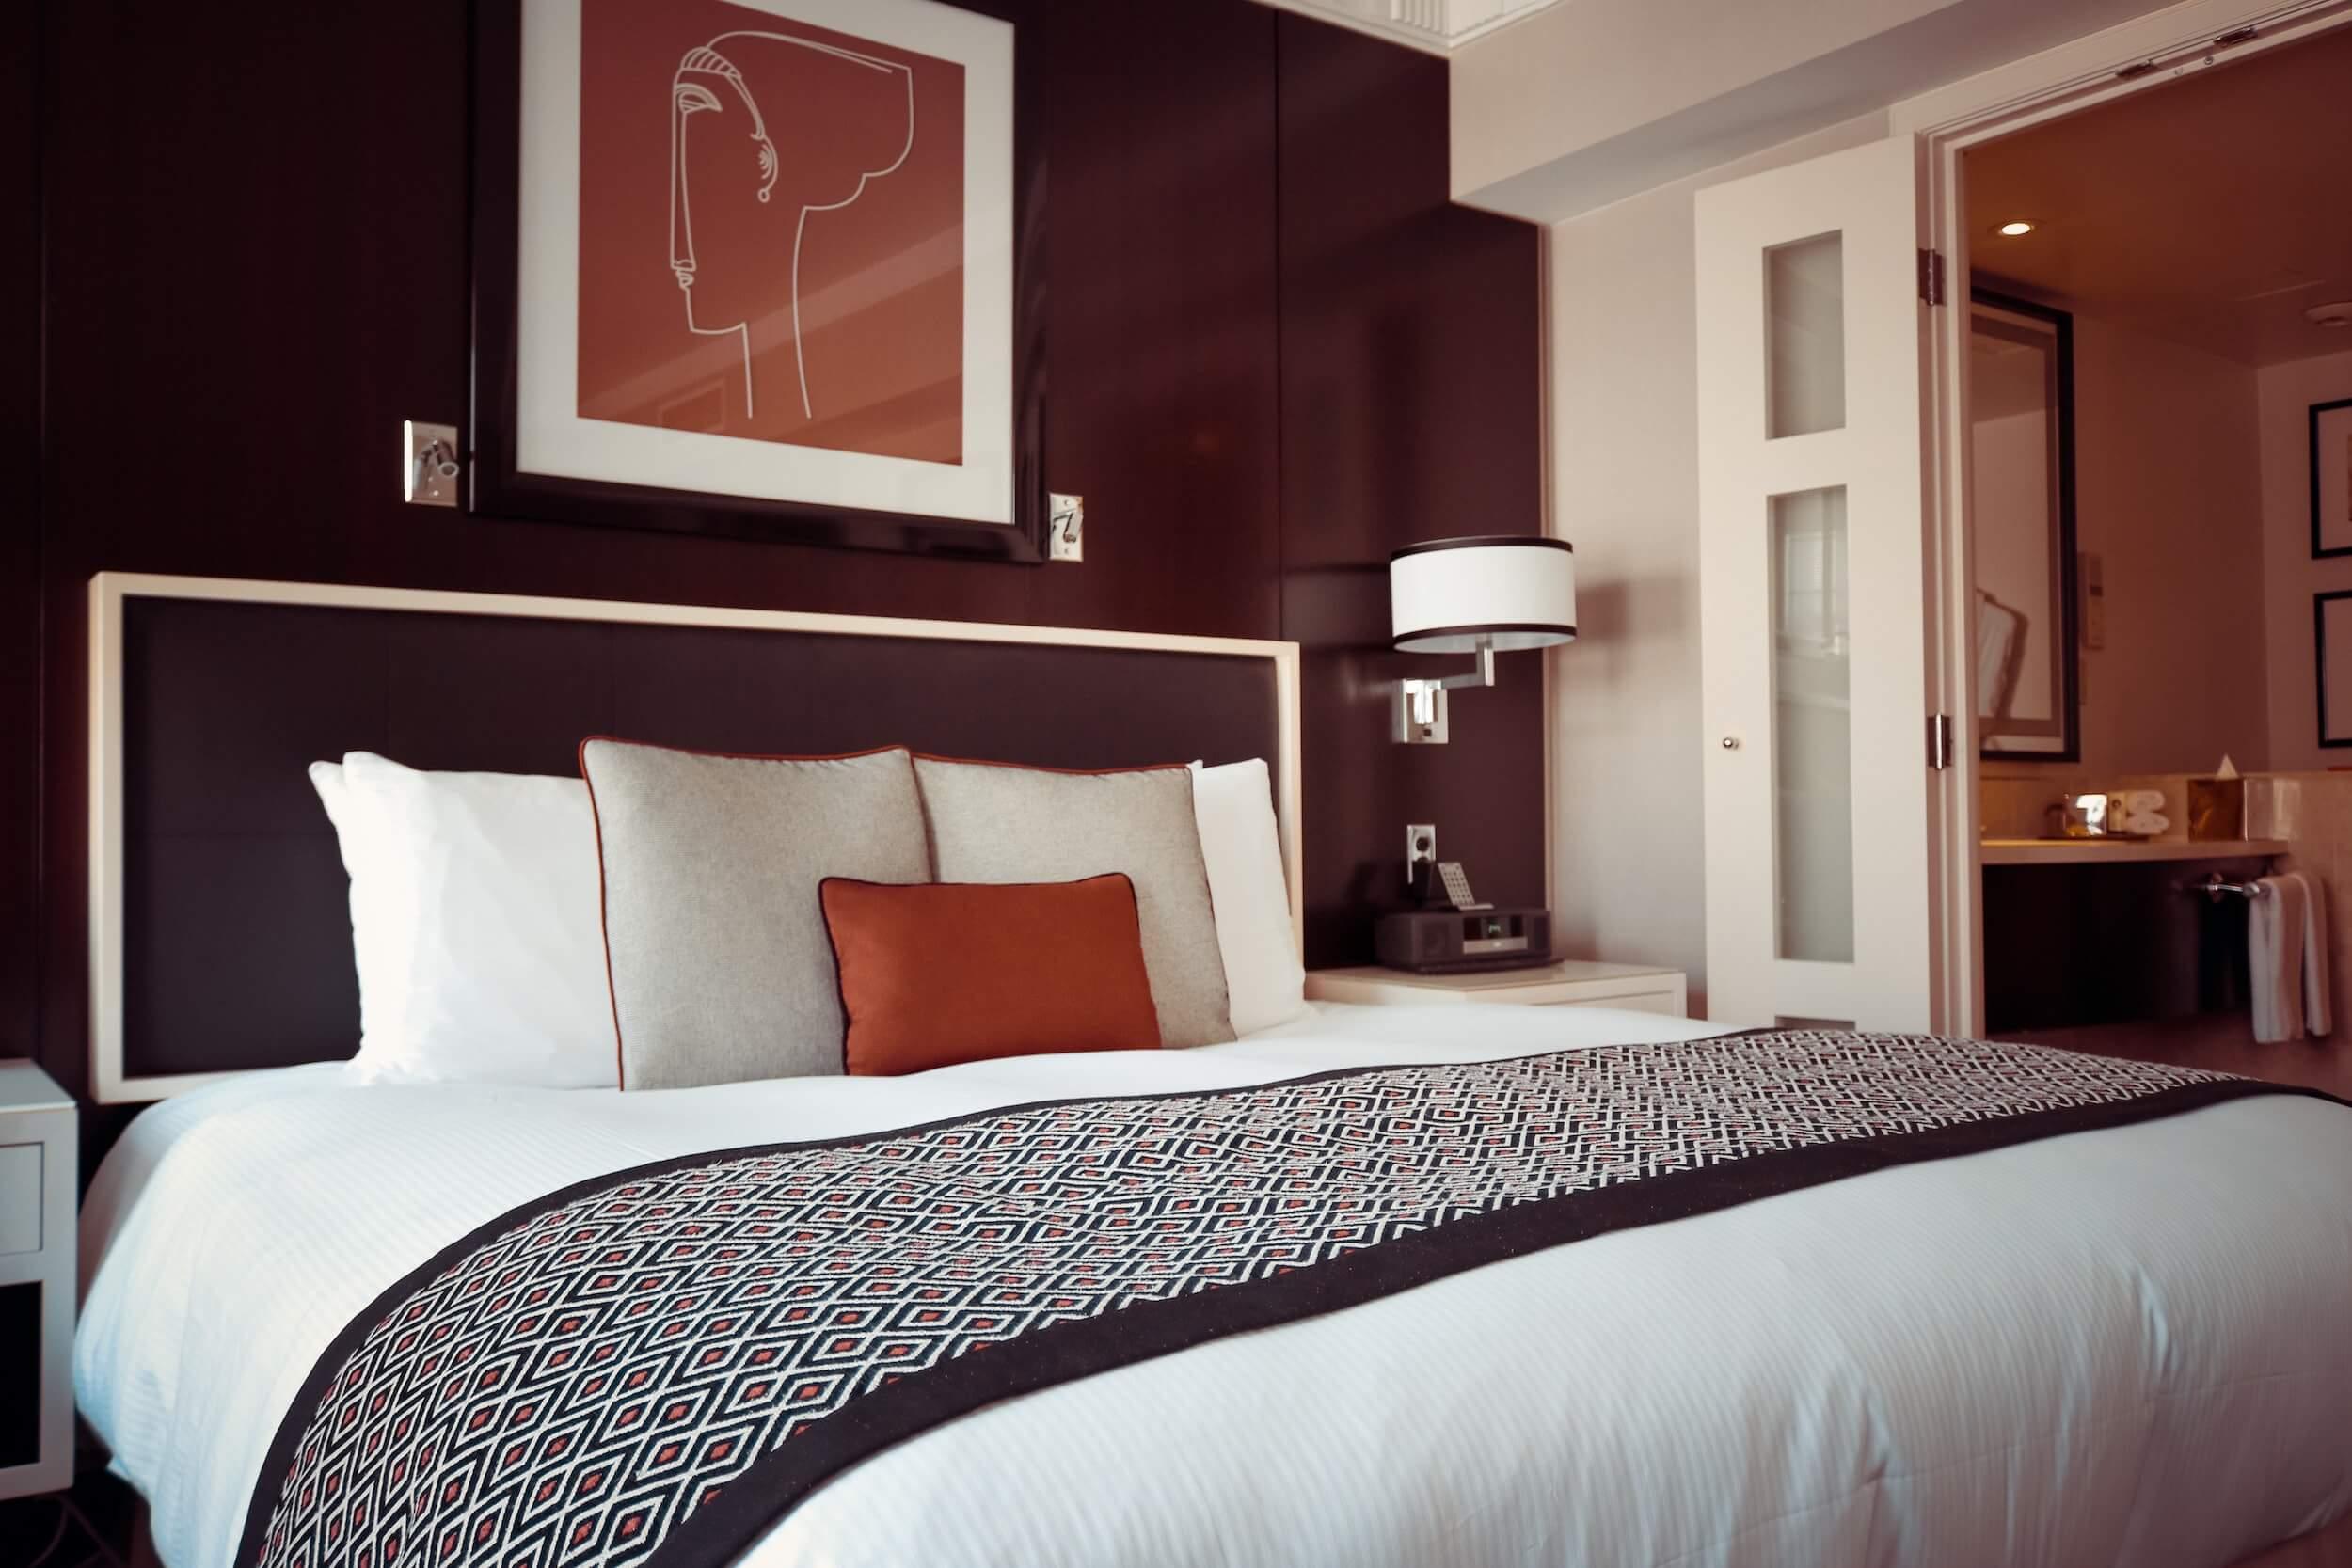 bed-bedroom-cozy-164595.jpg